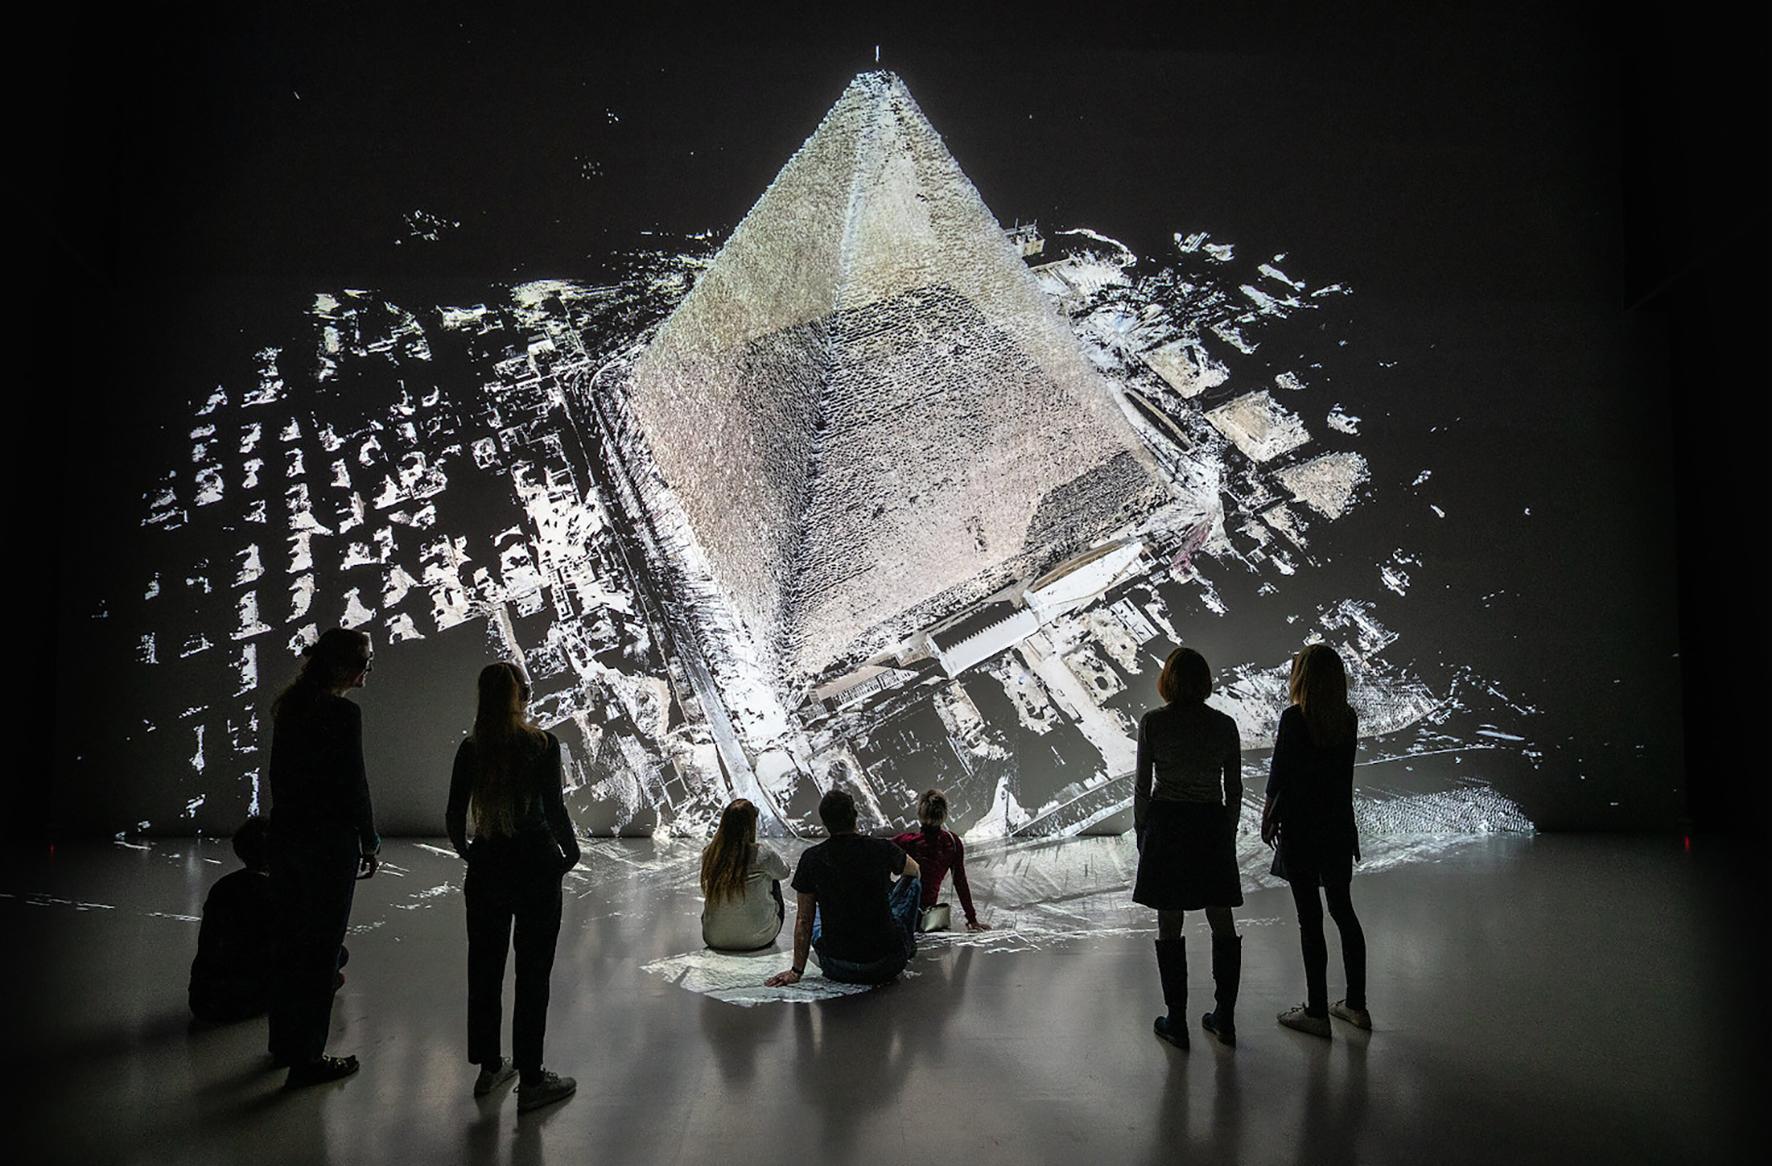 Dự án Deep Space của Ars Electronica cho phép khán giả thưởng thức hình ảnh ở độ phân giải 8K. Người dùng có thể di chuyển, tương tác trong không gian ba chiều và tự do kiểm soát tầm nhìn của họ. Ảnh: Ars Electronica.